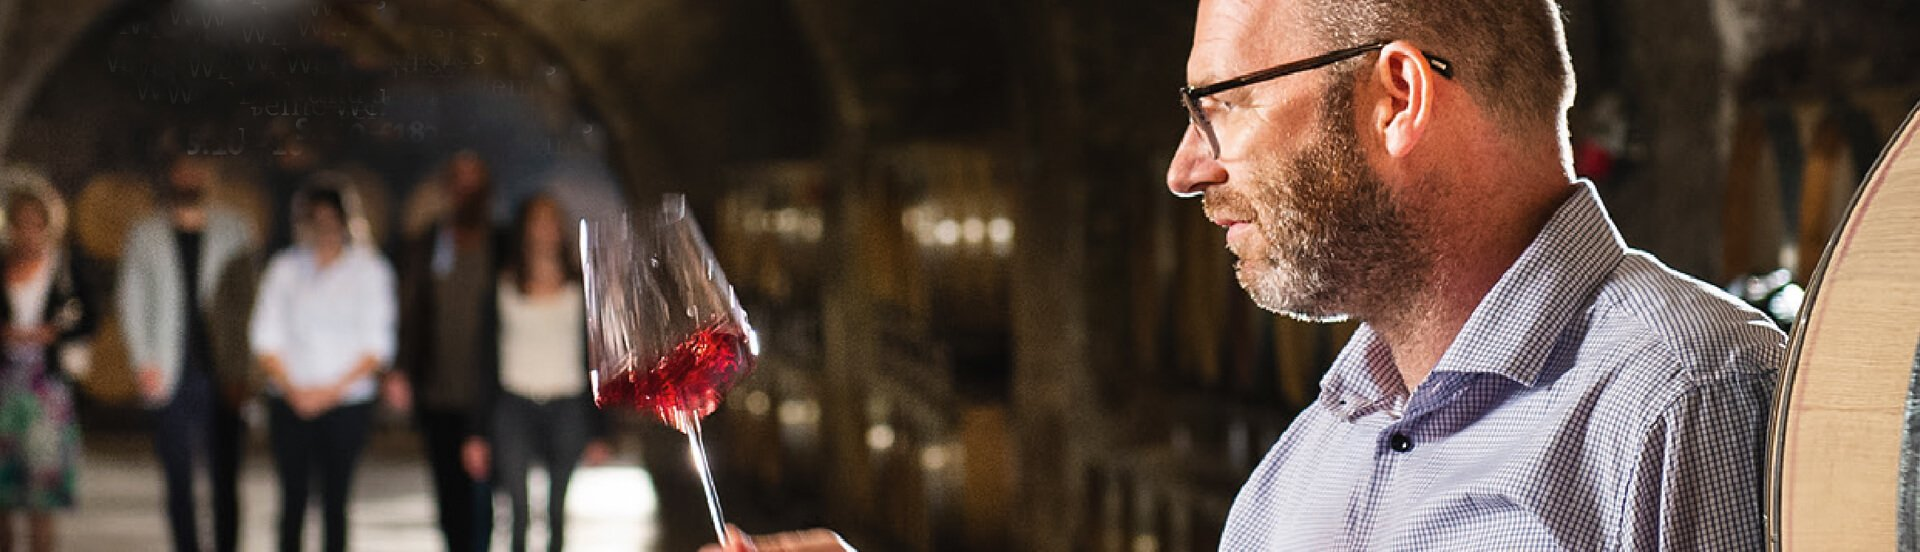 Der Kellermeister des Stiftes begutachtet ein Weinprobe